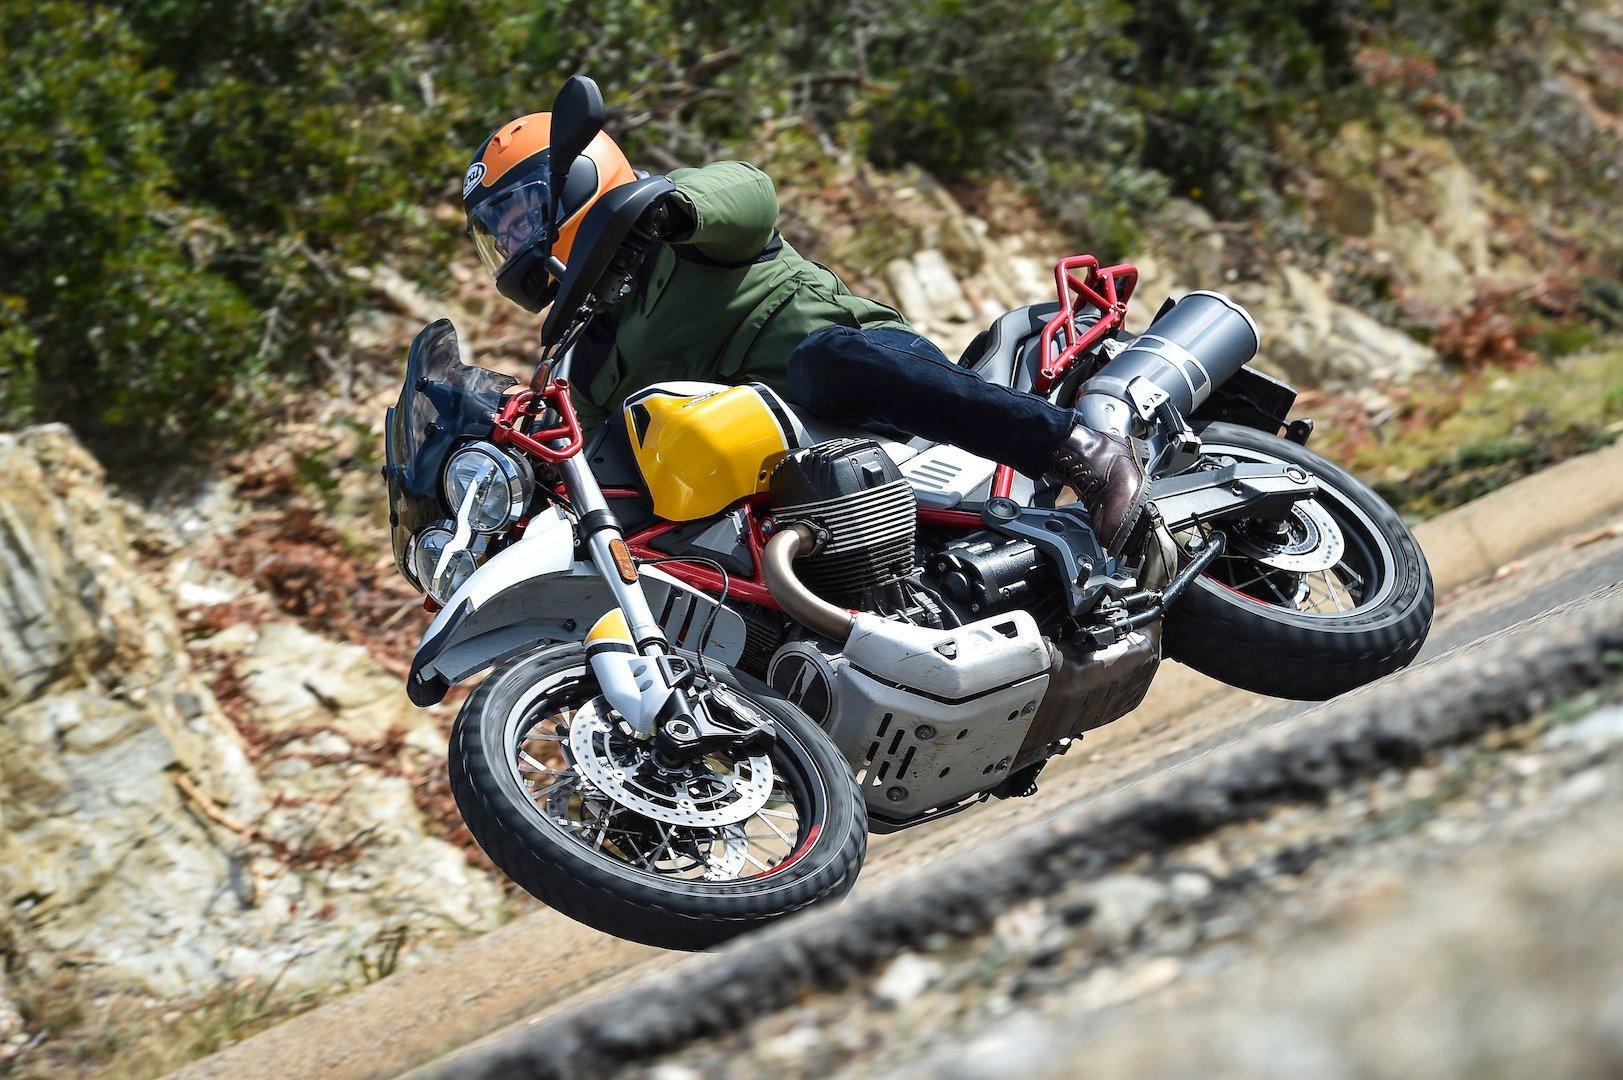 2020 Moto Guzzi V85 TT Adventure and V85 TT Review (22 Fast